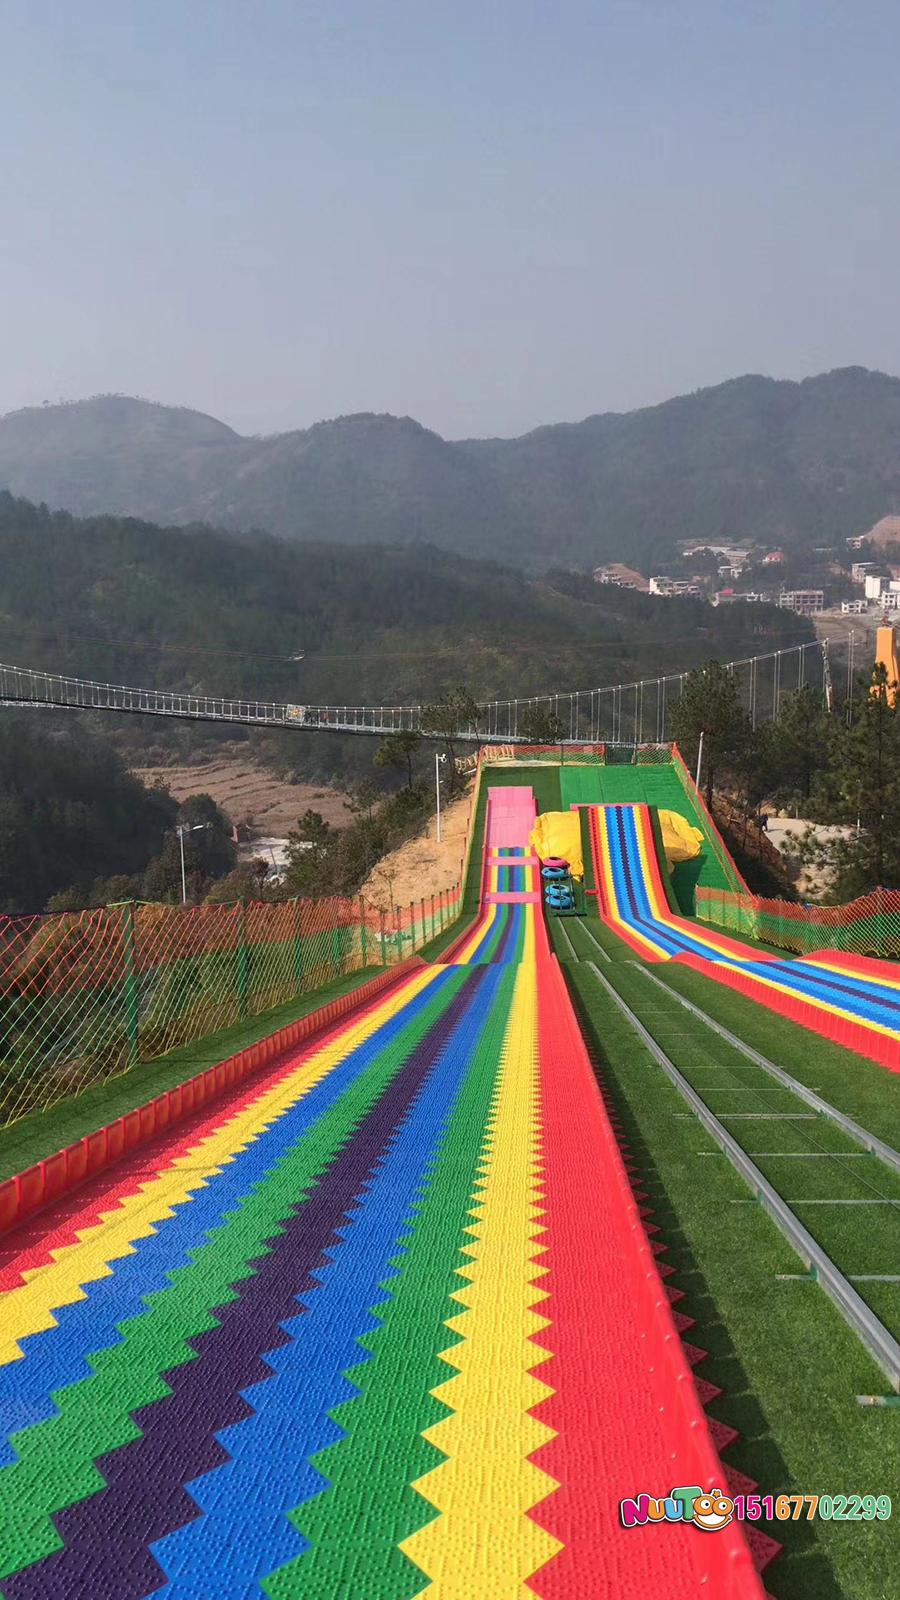 七彩滑道+七彩滑梯+旱雪滑梯+飞跃滑梯-(37)